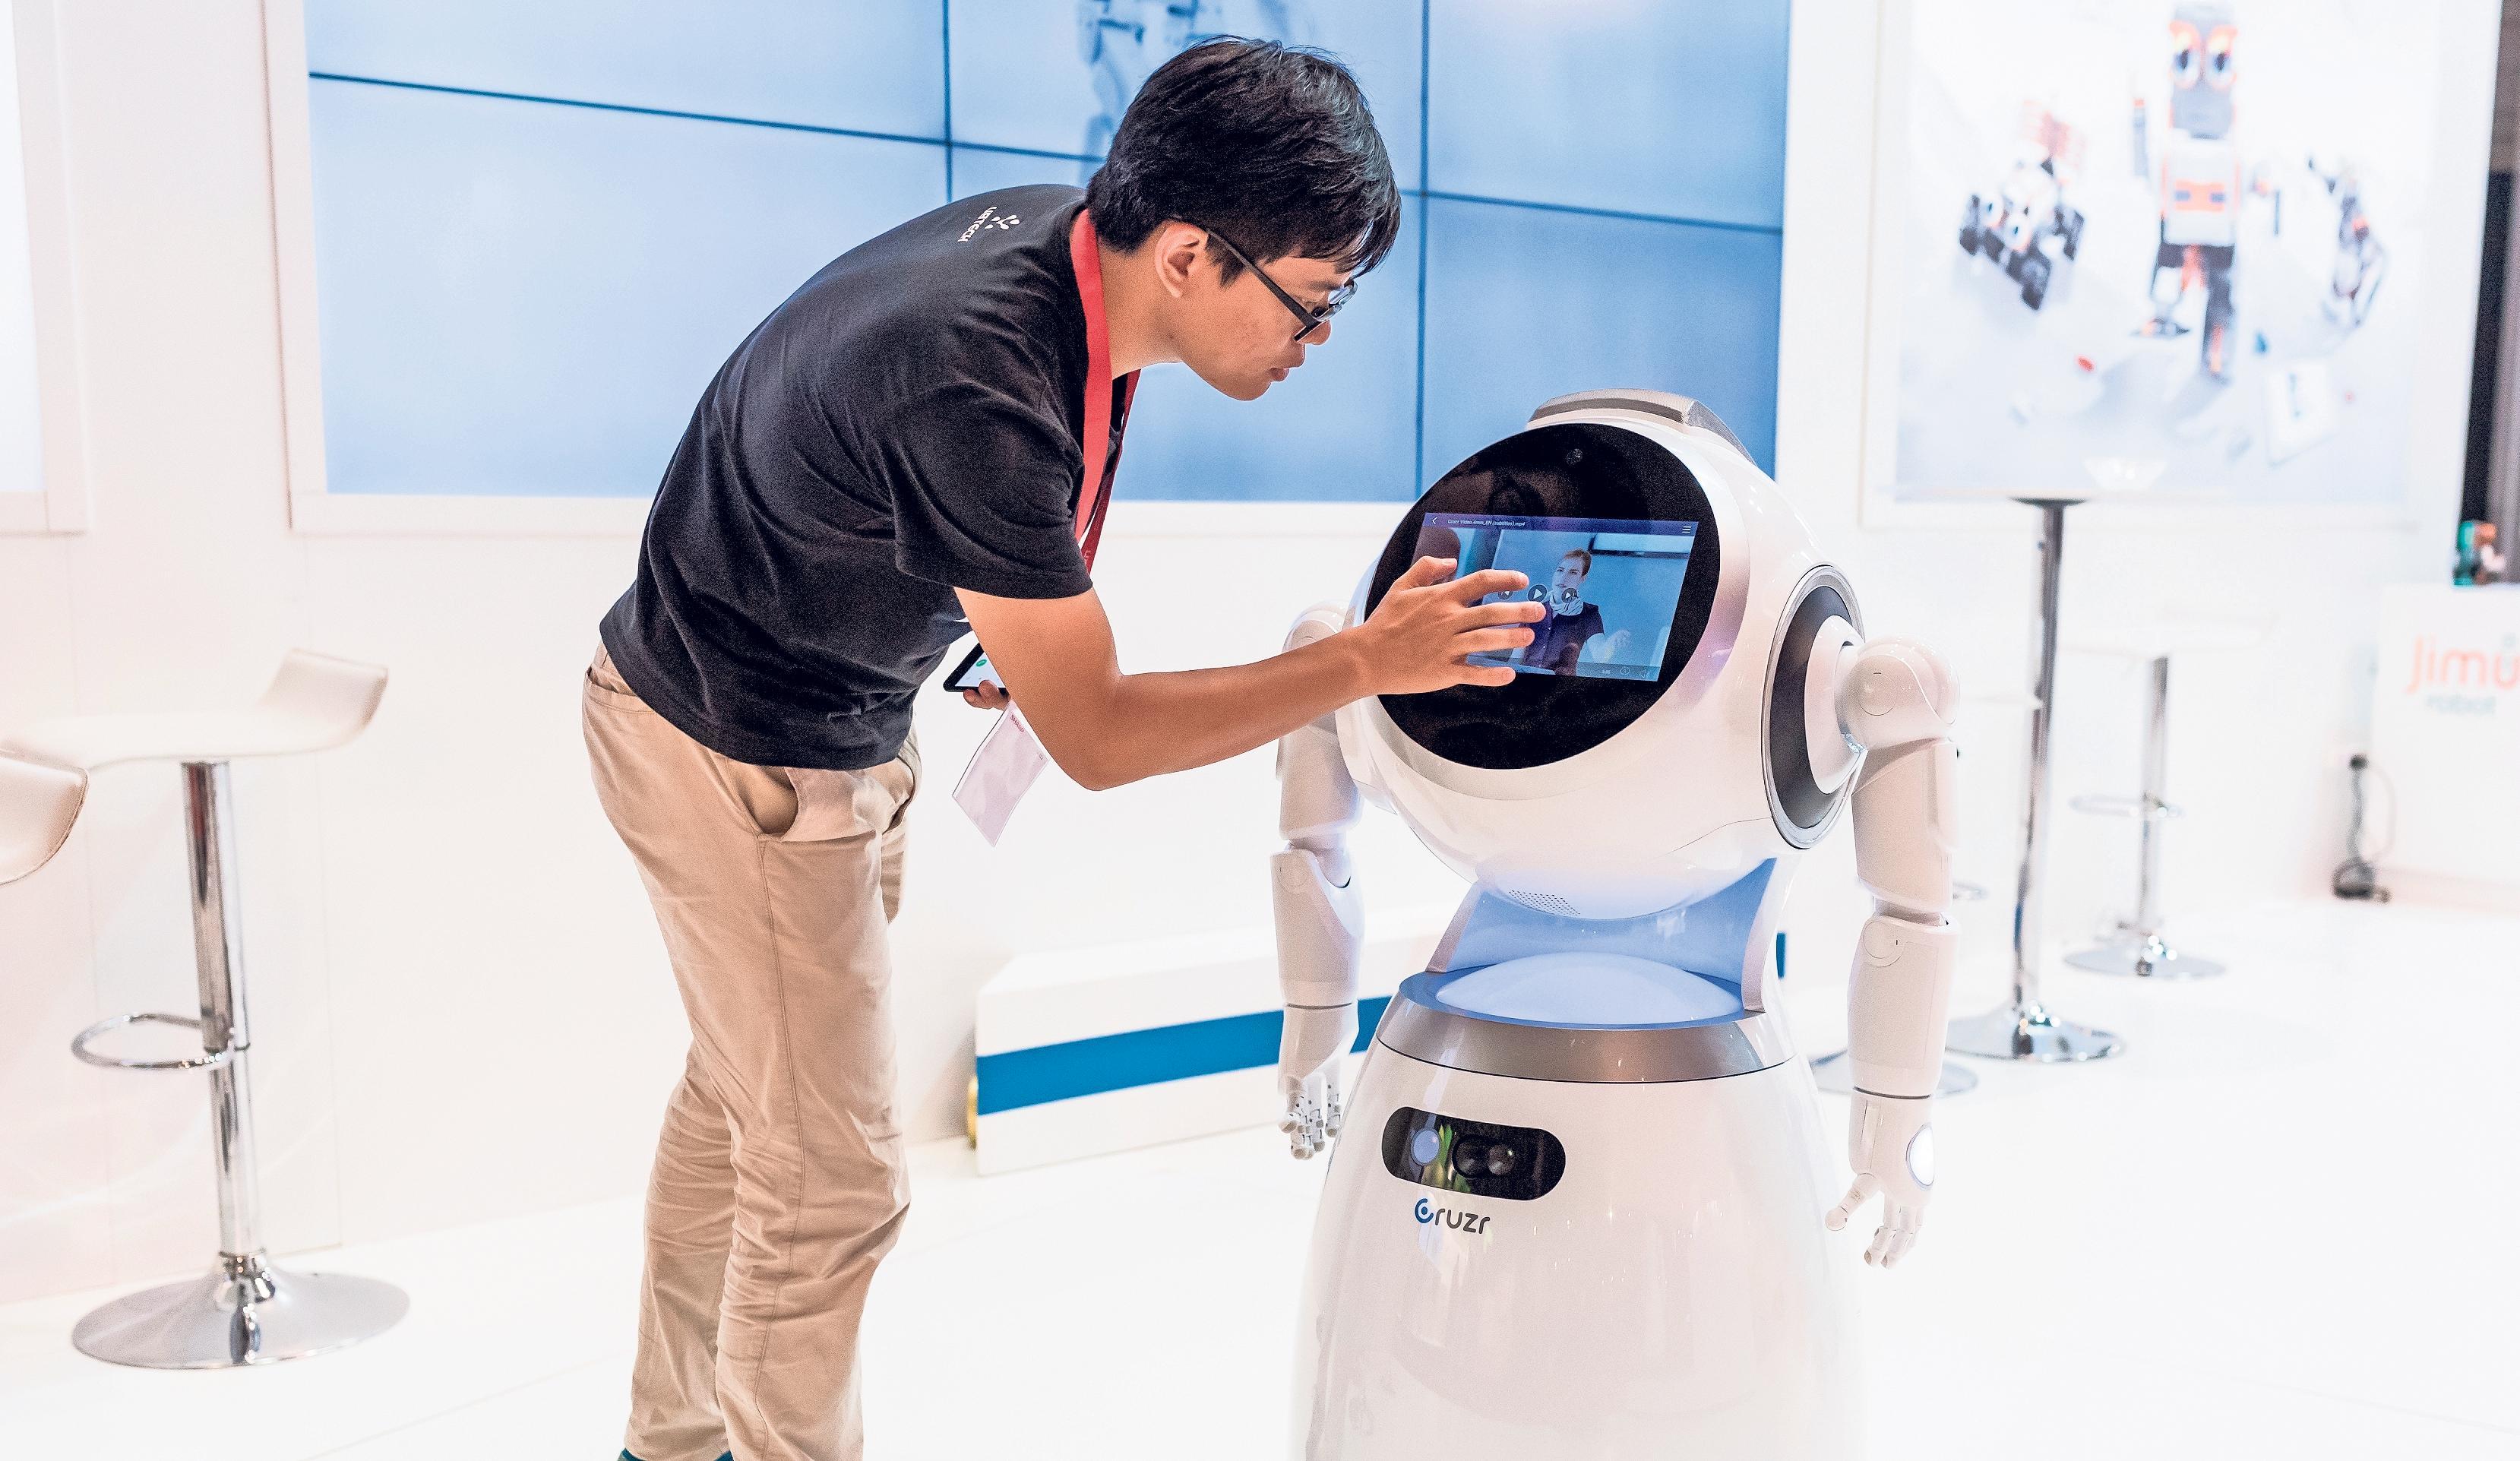 Einen Roboterassistenten entwickeln, bauen, programmieren und warten: Das gehört zu den Aufgaben von Spezialisten für autonome Systeme und Robotik. Foto: Alexander Heinl/dpa-tmn